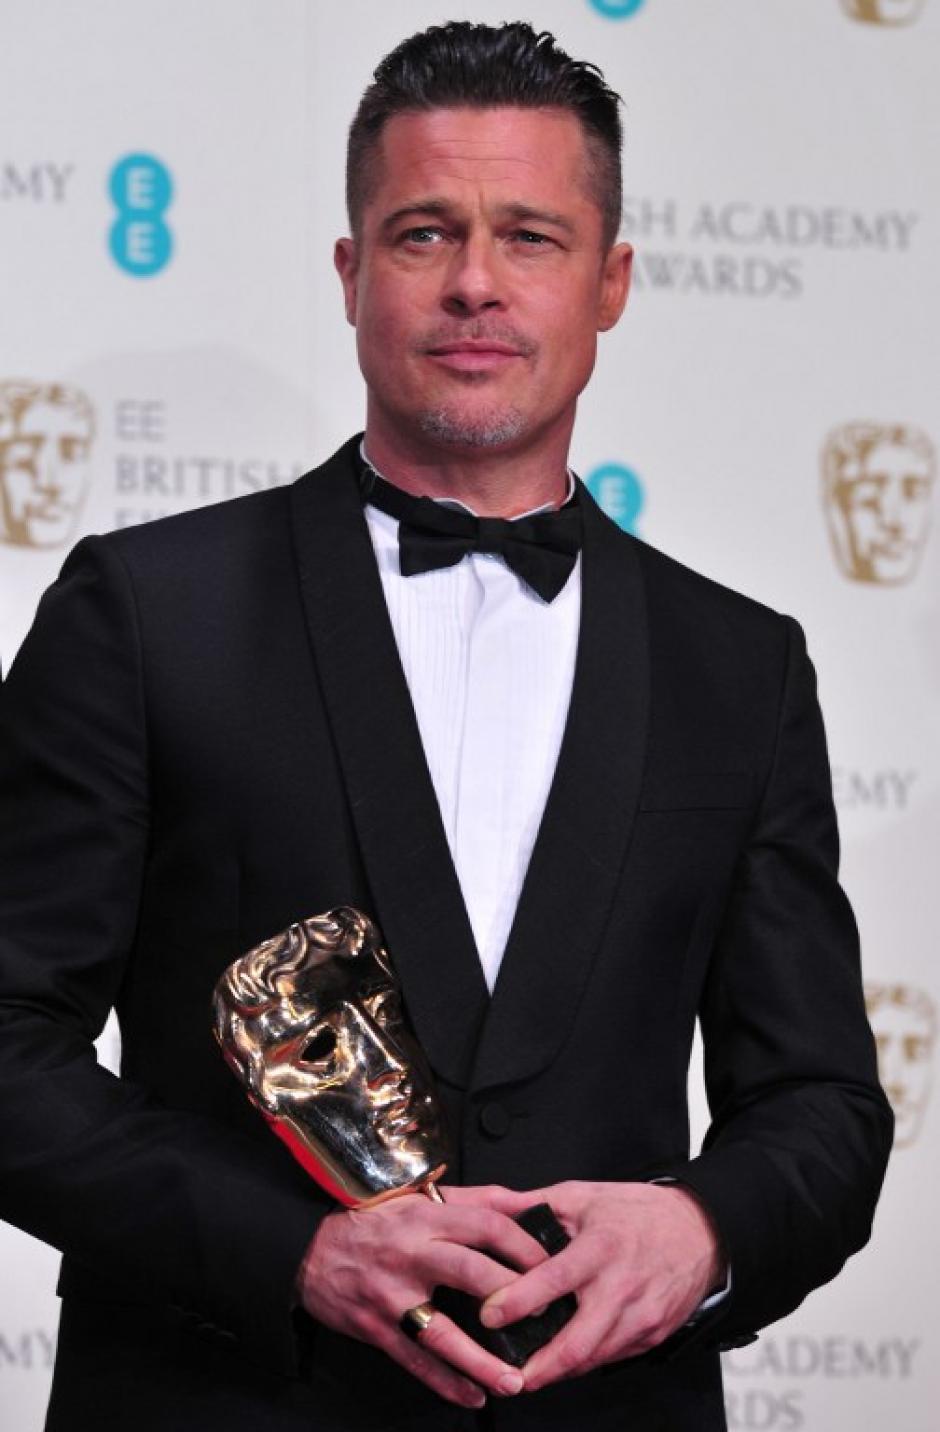 """Brad Pitt también fue galardonado con un Bafta por su participación en """"12 years slave"""". Foto AFP"""